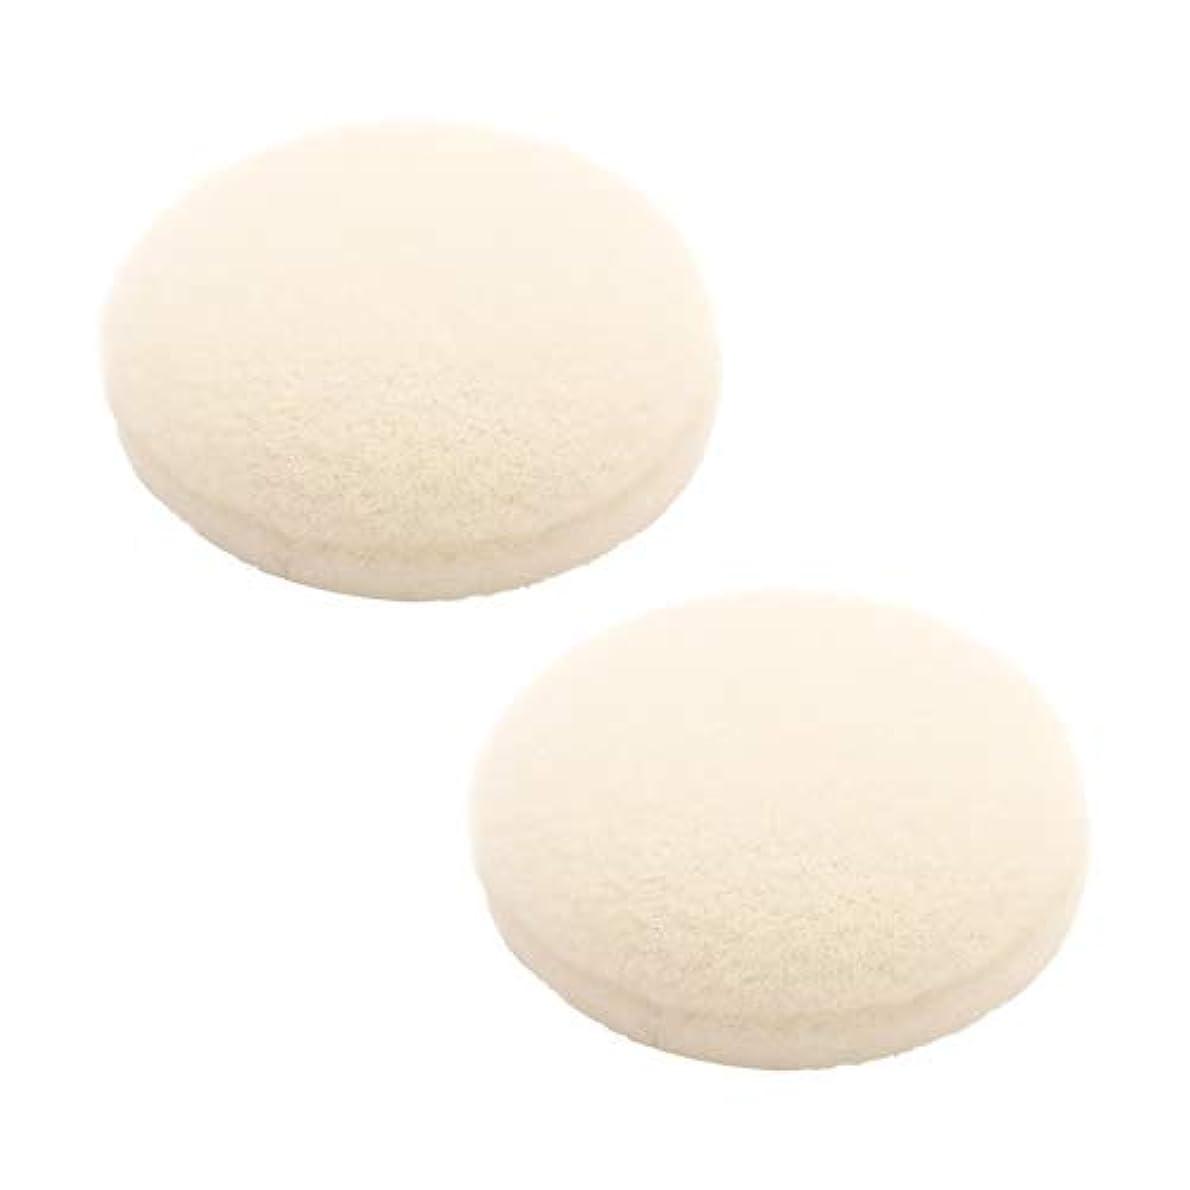 患者大佐調べるETVOS(エトヴォス) ポンポンミネラルチーク専用替えパフ(2枚セット) 直径3.5cm 洗い替え 綿ビロード(綿天)